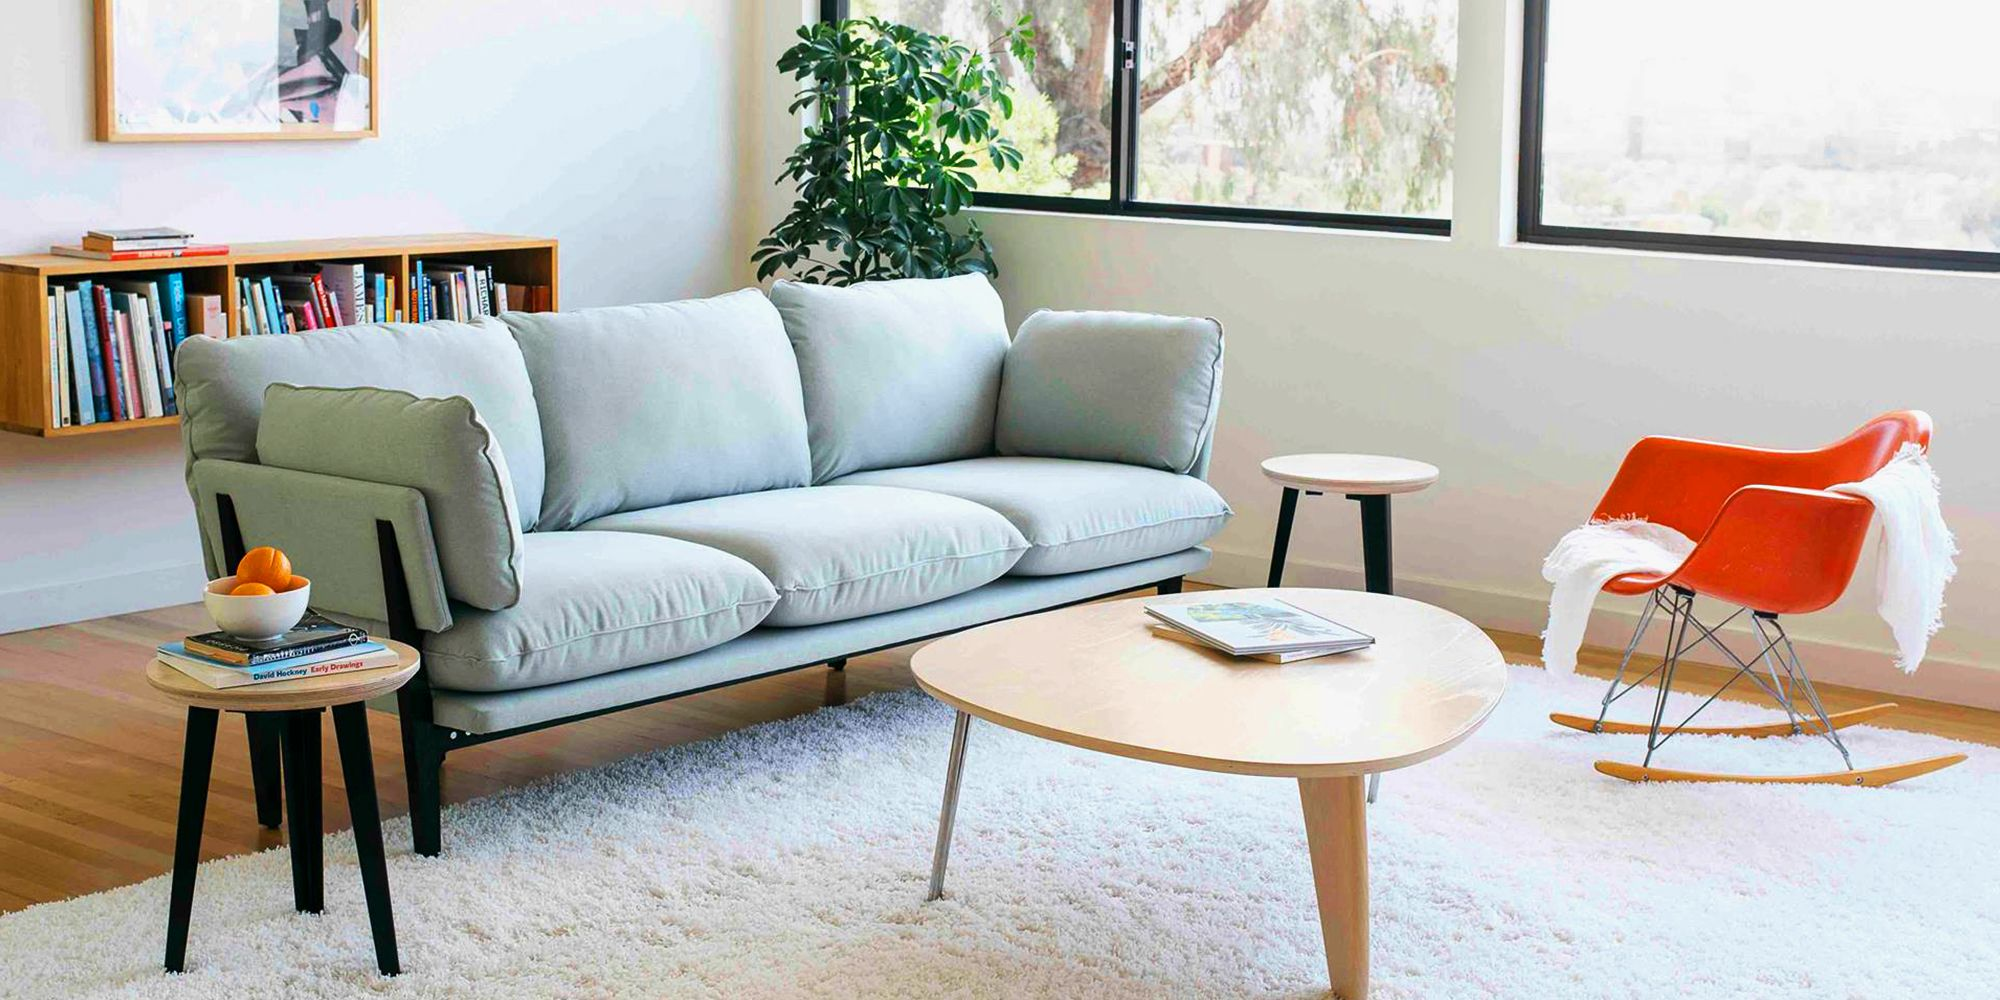 6 Best Sofa In A Box Brands Of 2019